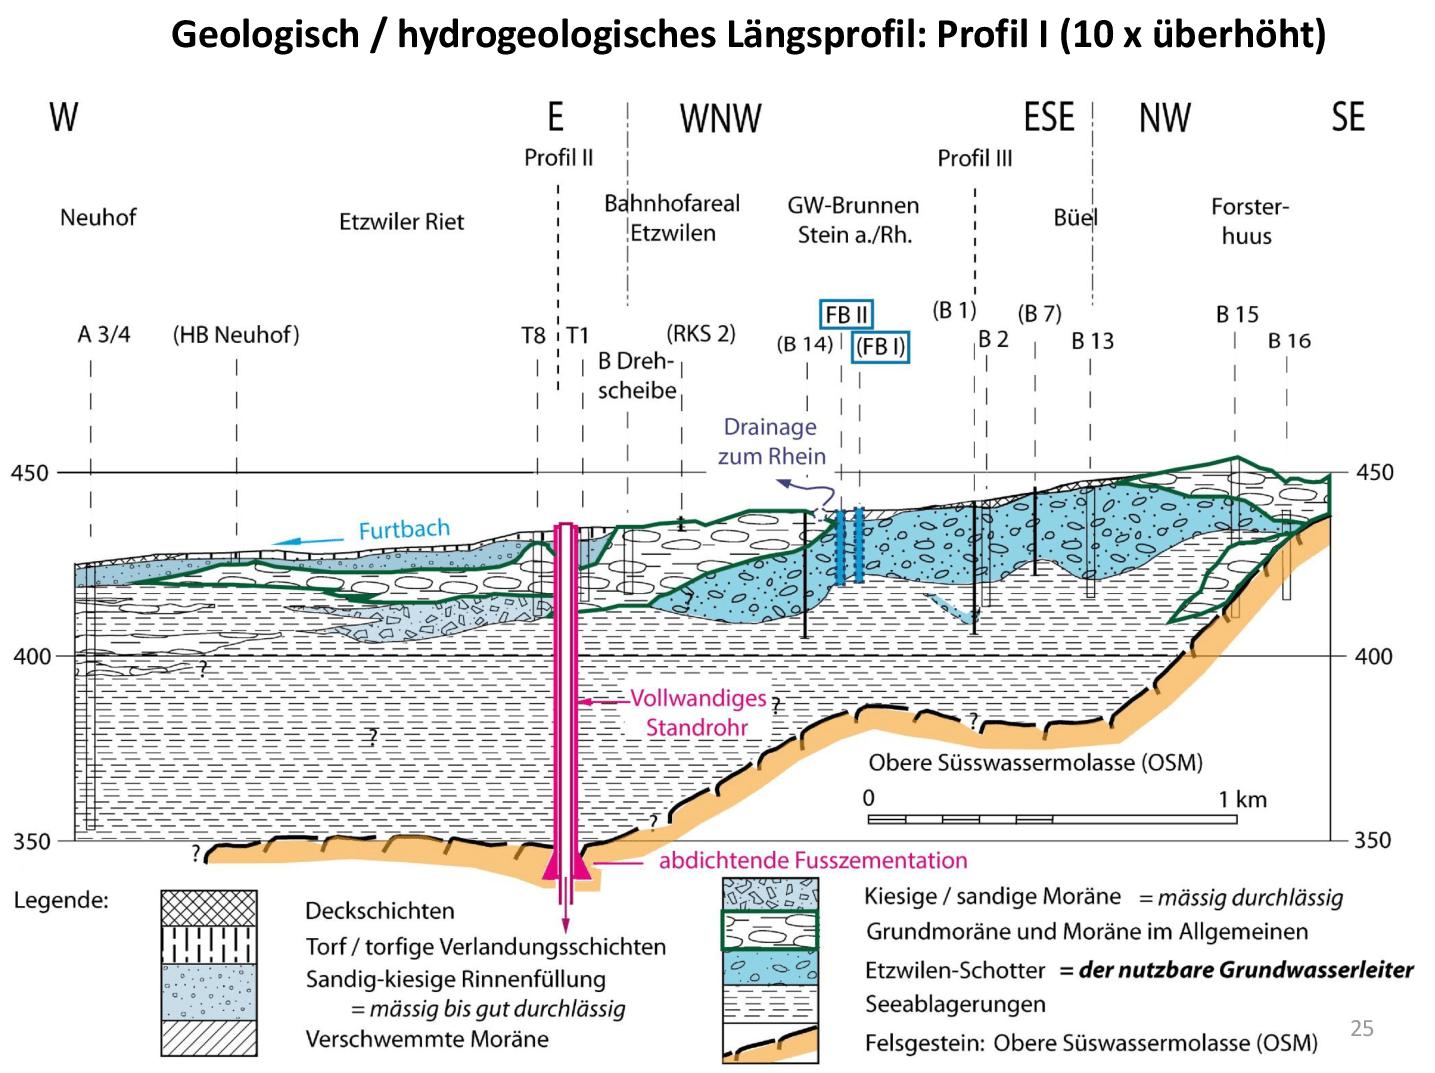 hight resolution of exemples des tudes de geo energie suisse ag relatives la protection des eaux souterraines sur le site du projet d etzwilen tg